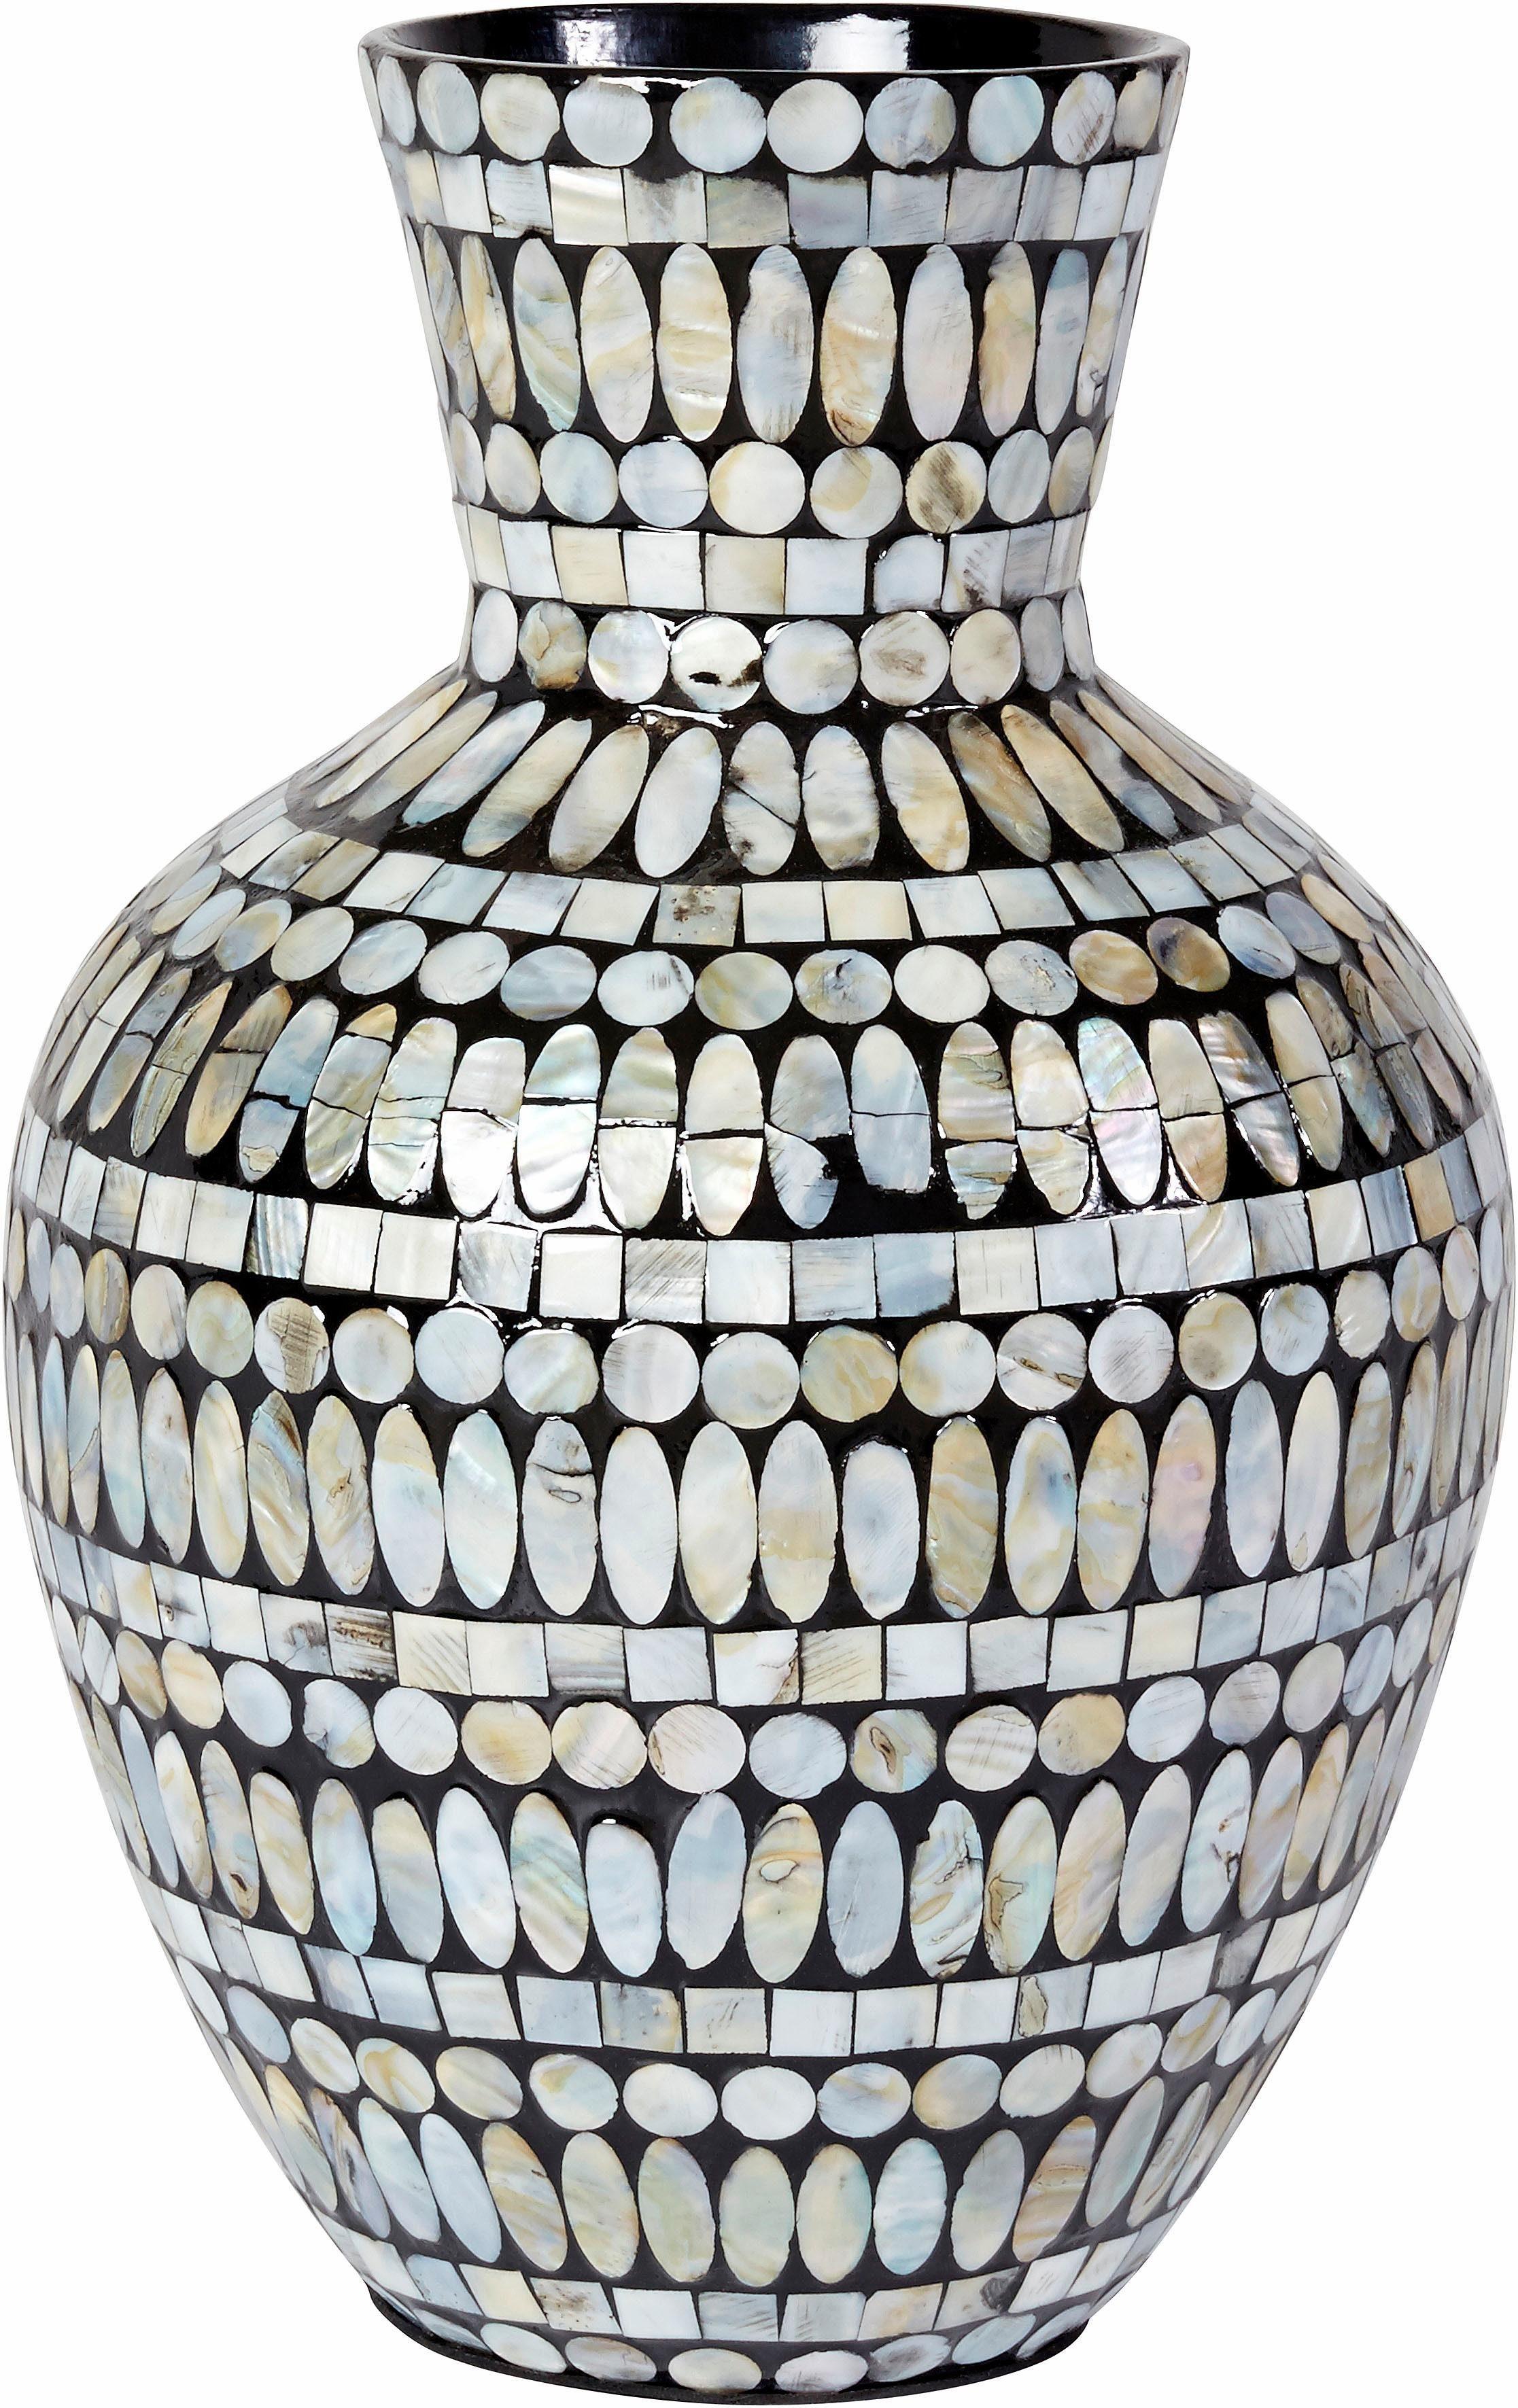 Home affaire Deko-Vase aus Bambus, mit Perlmutt belegt